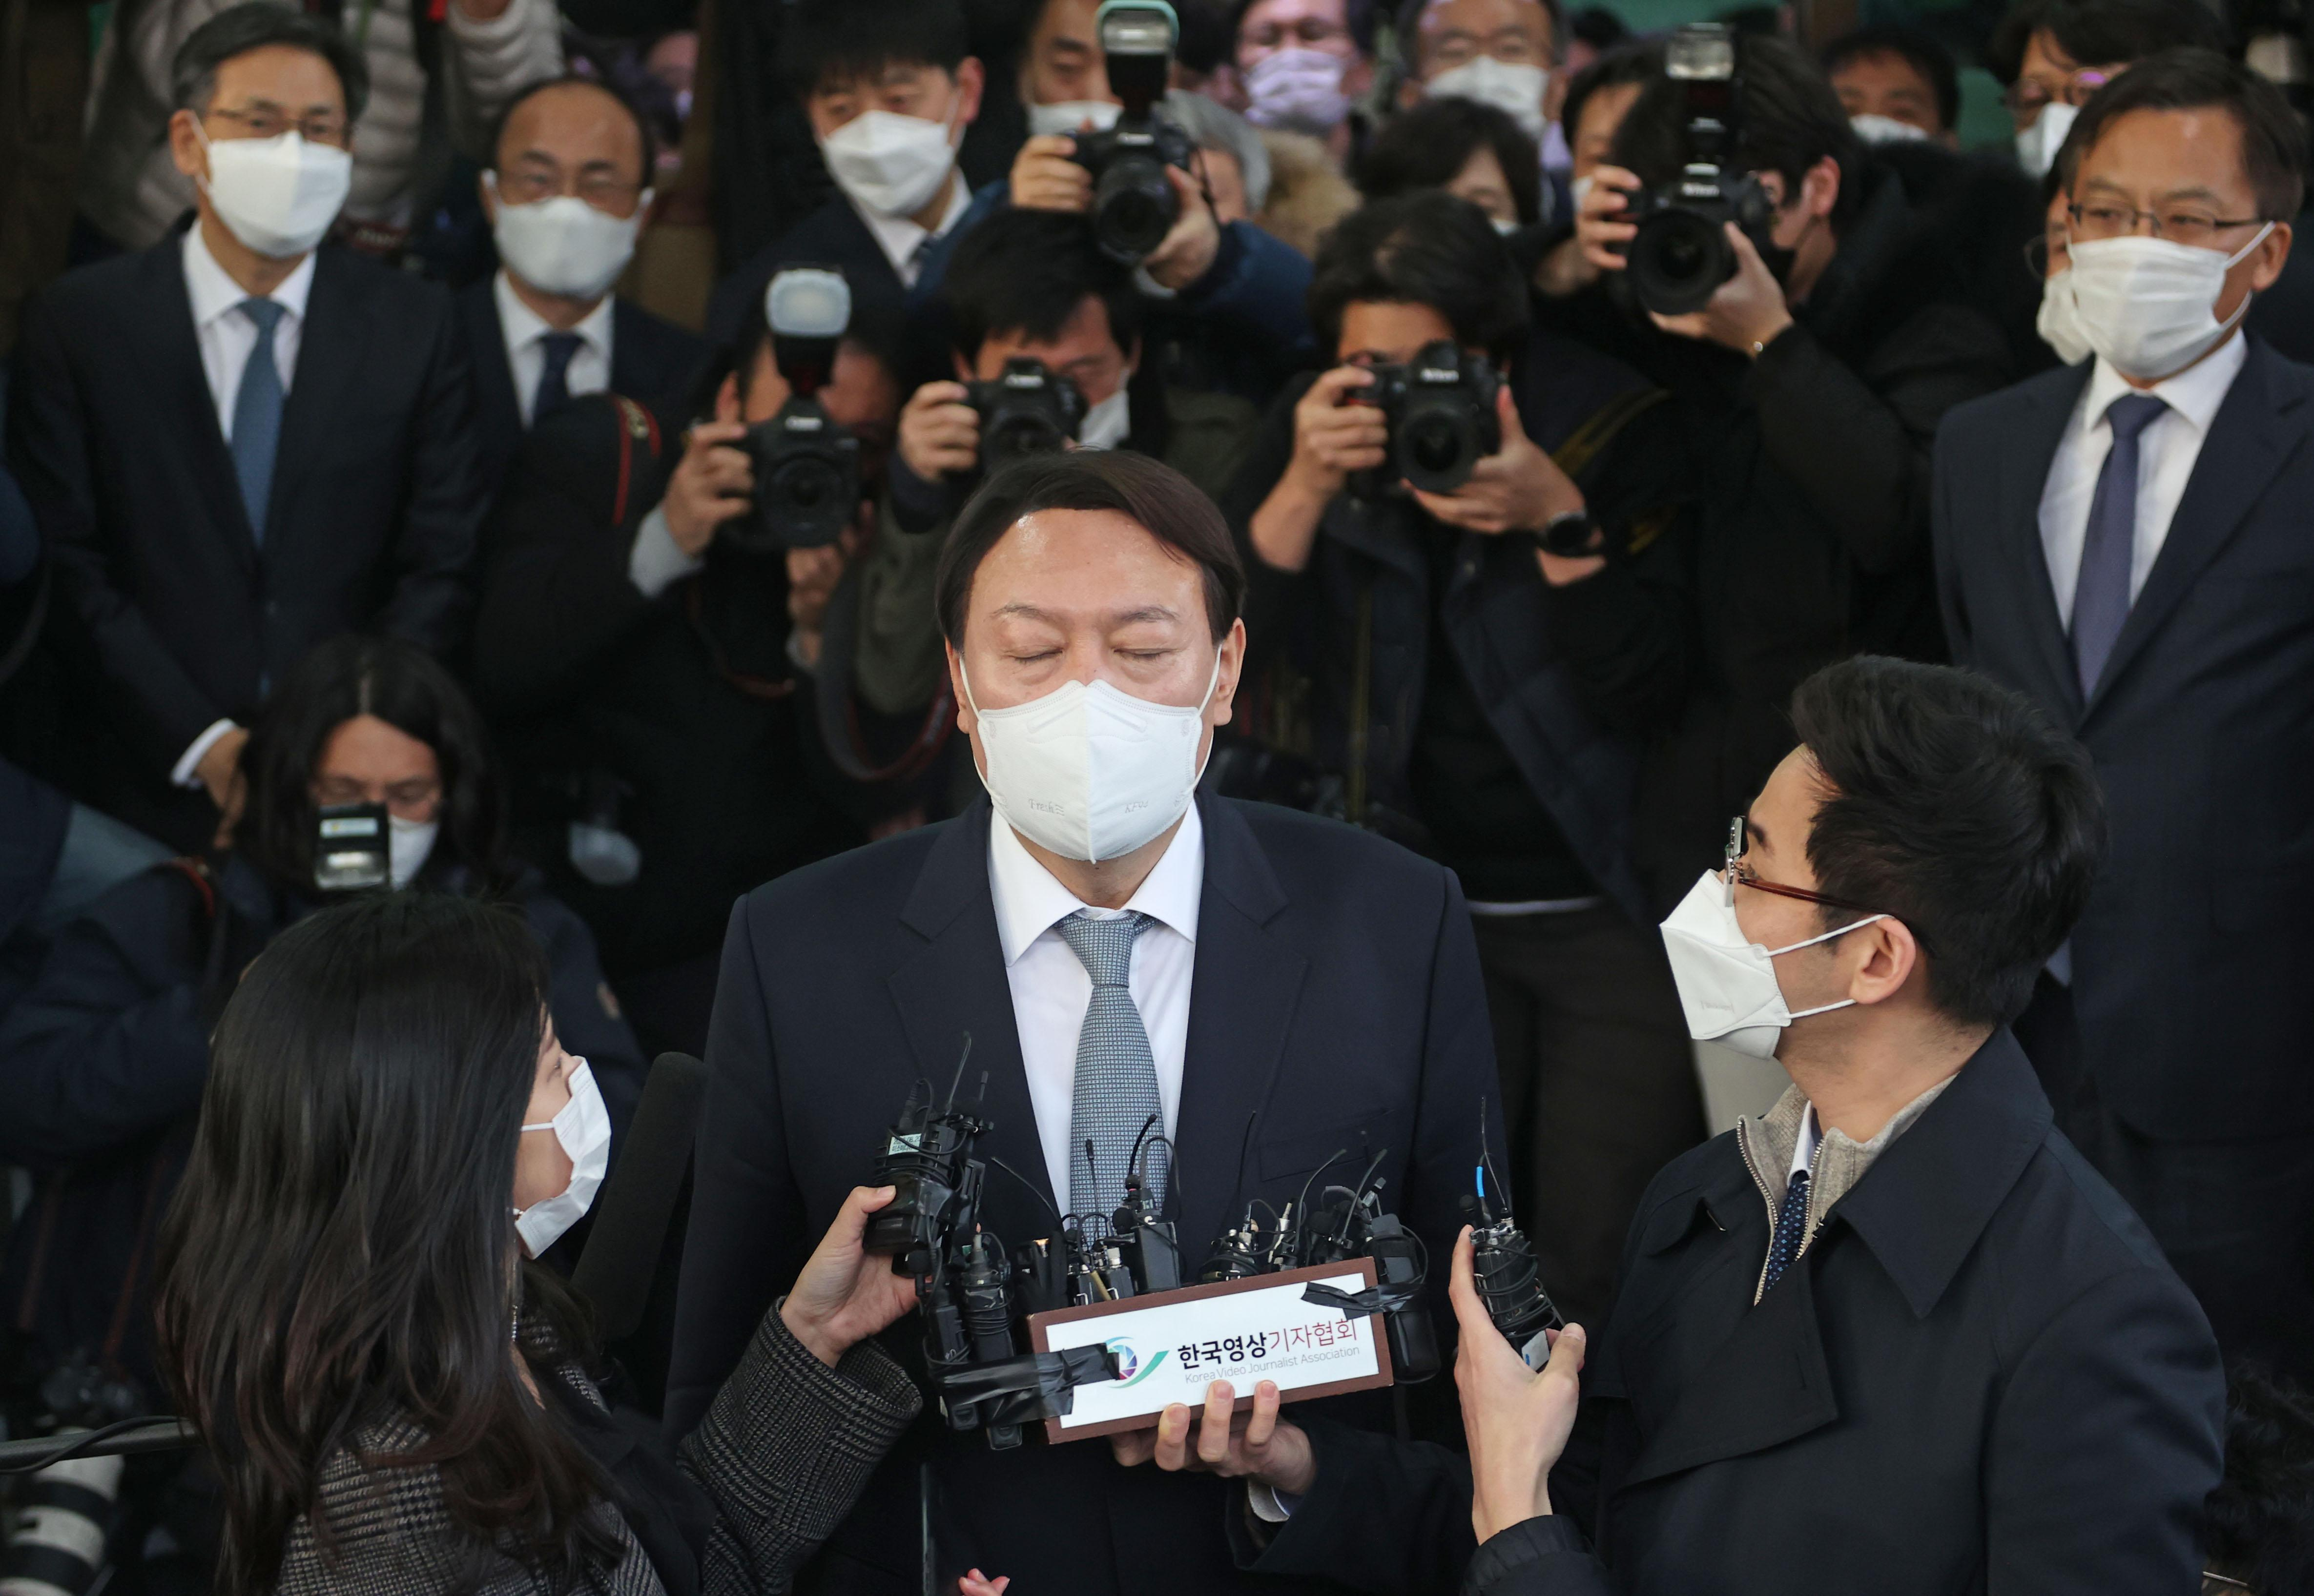 韩检察总长尹锡悦表明辞意